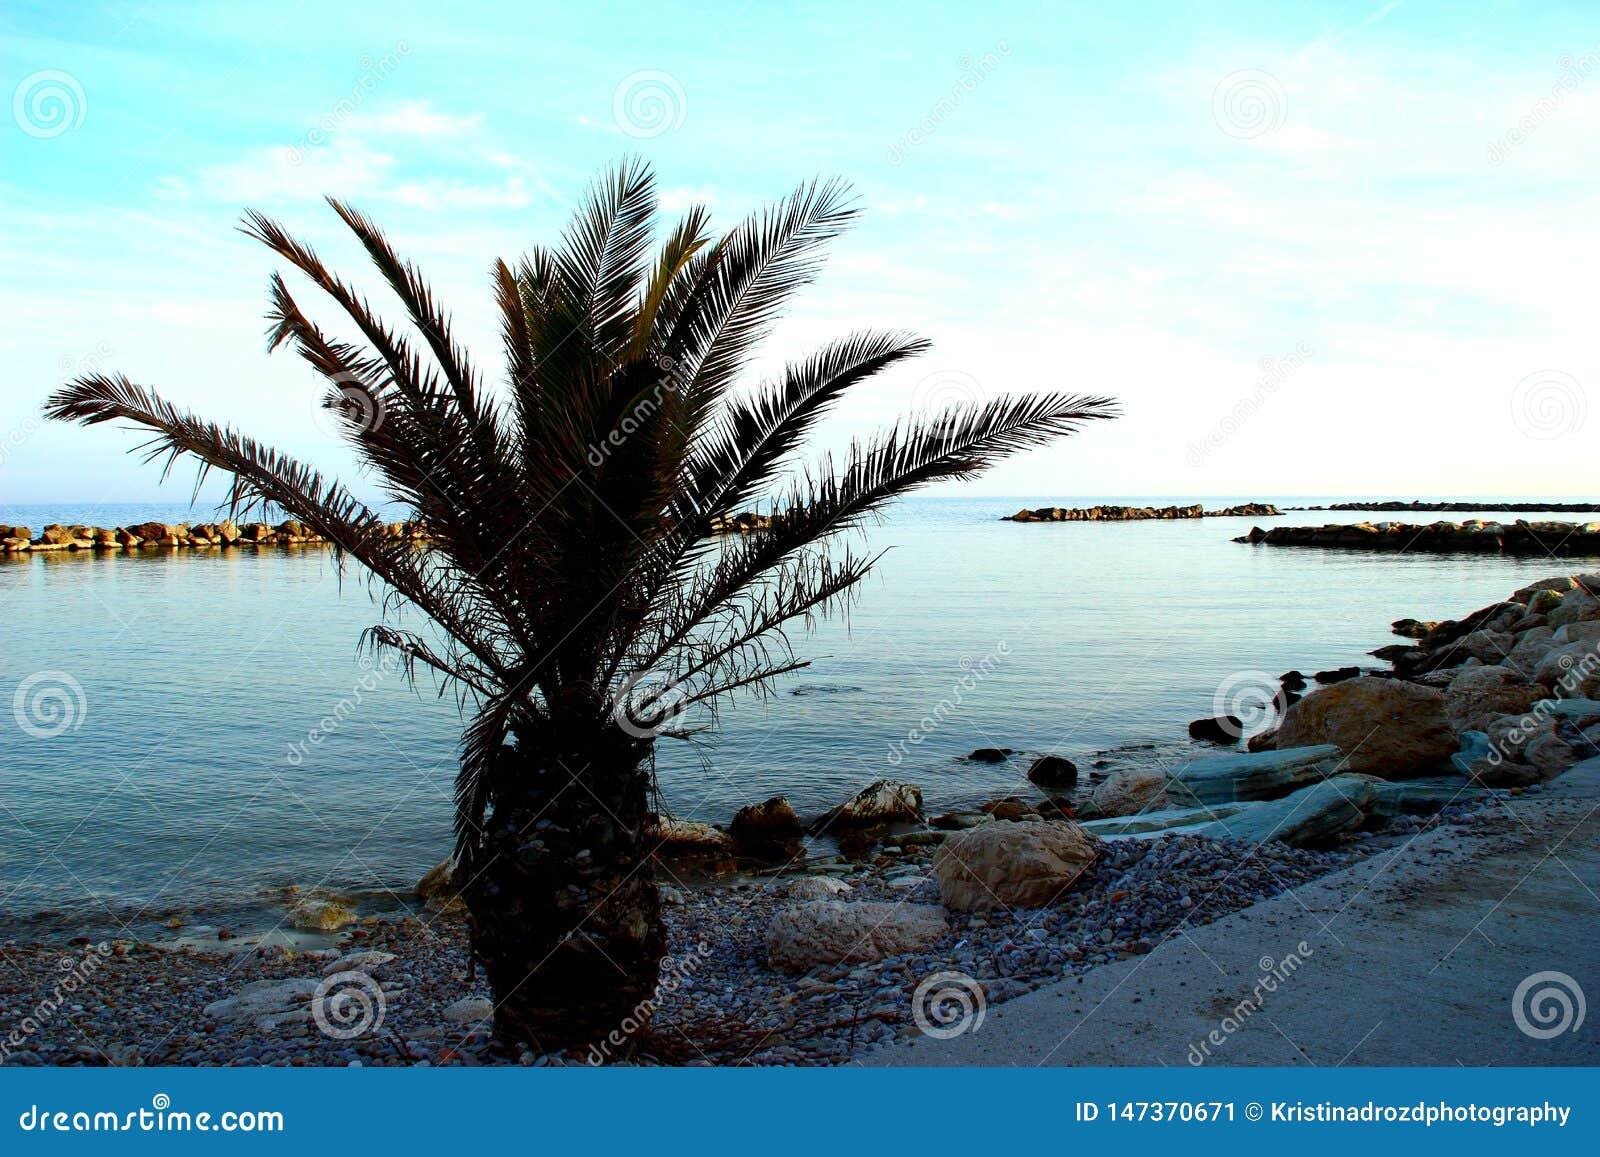 Petit palmier sur une plage rocheuse près de la Mer Adriatique